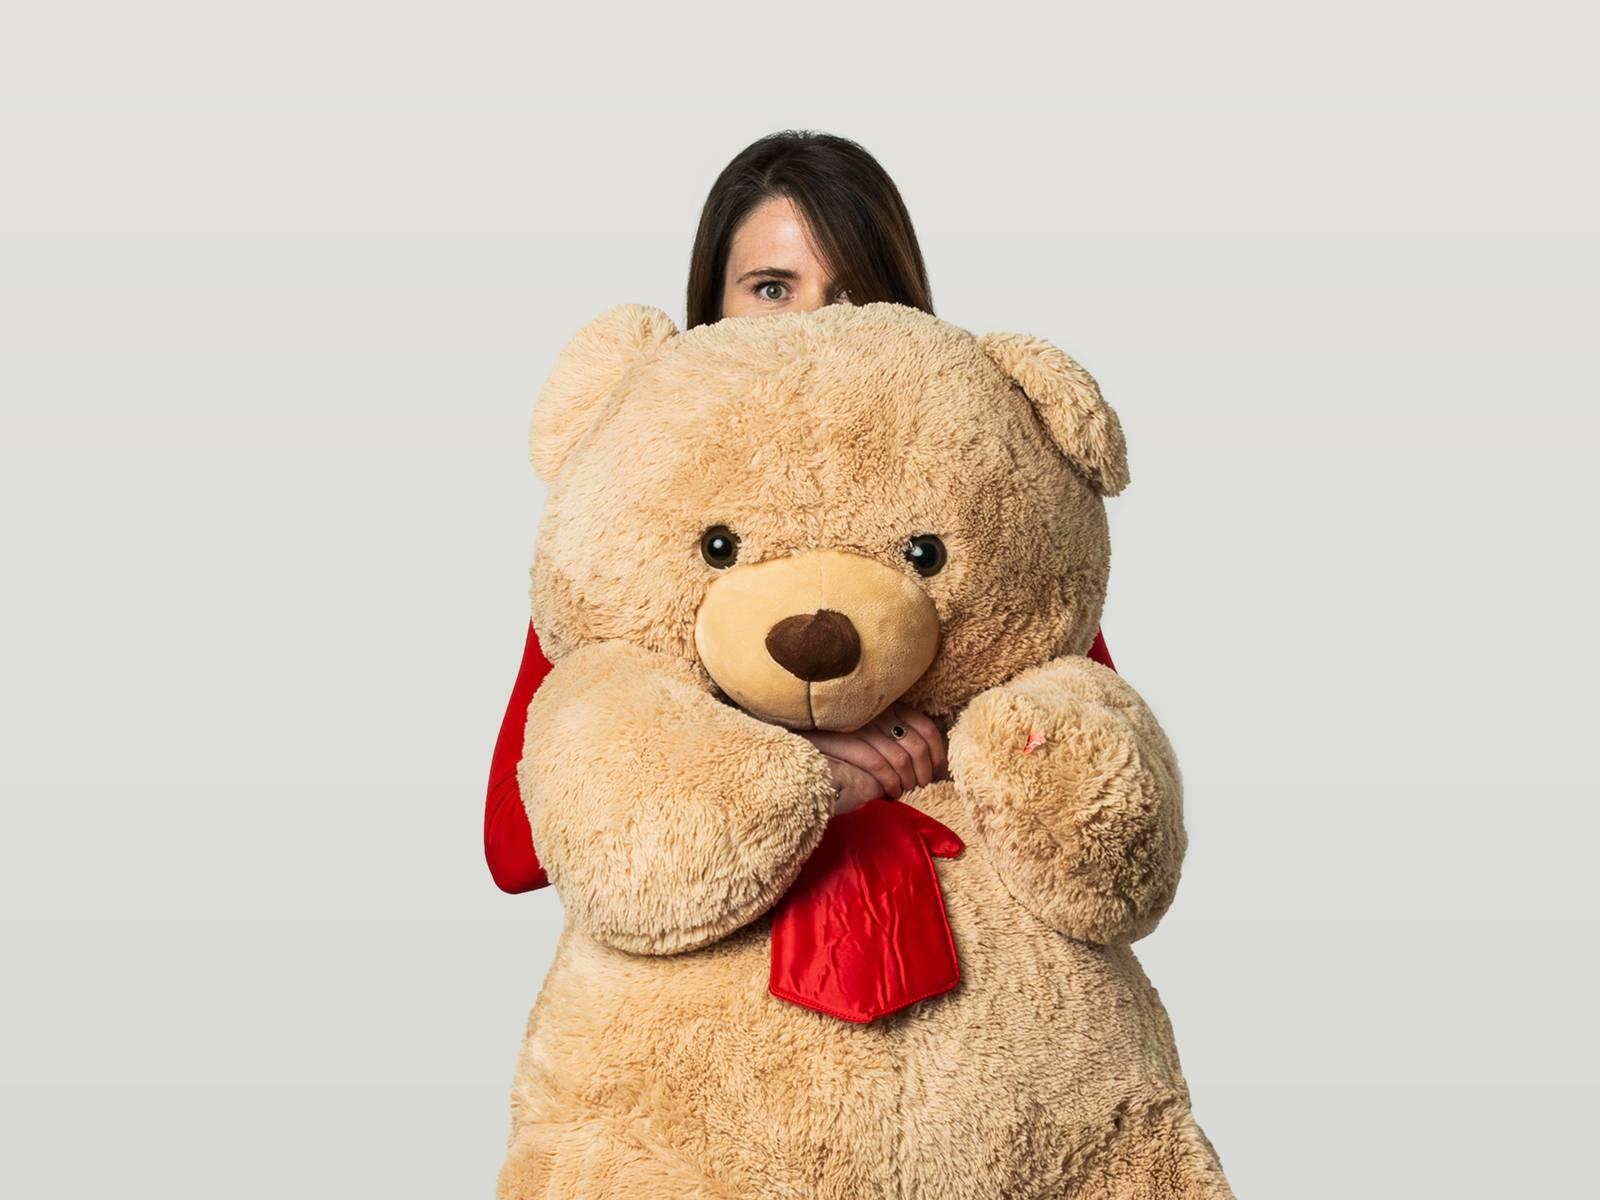 Lauren with a huge teddy